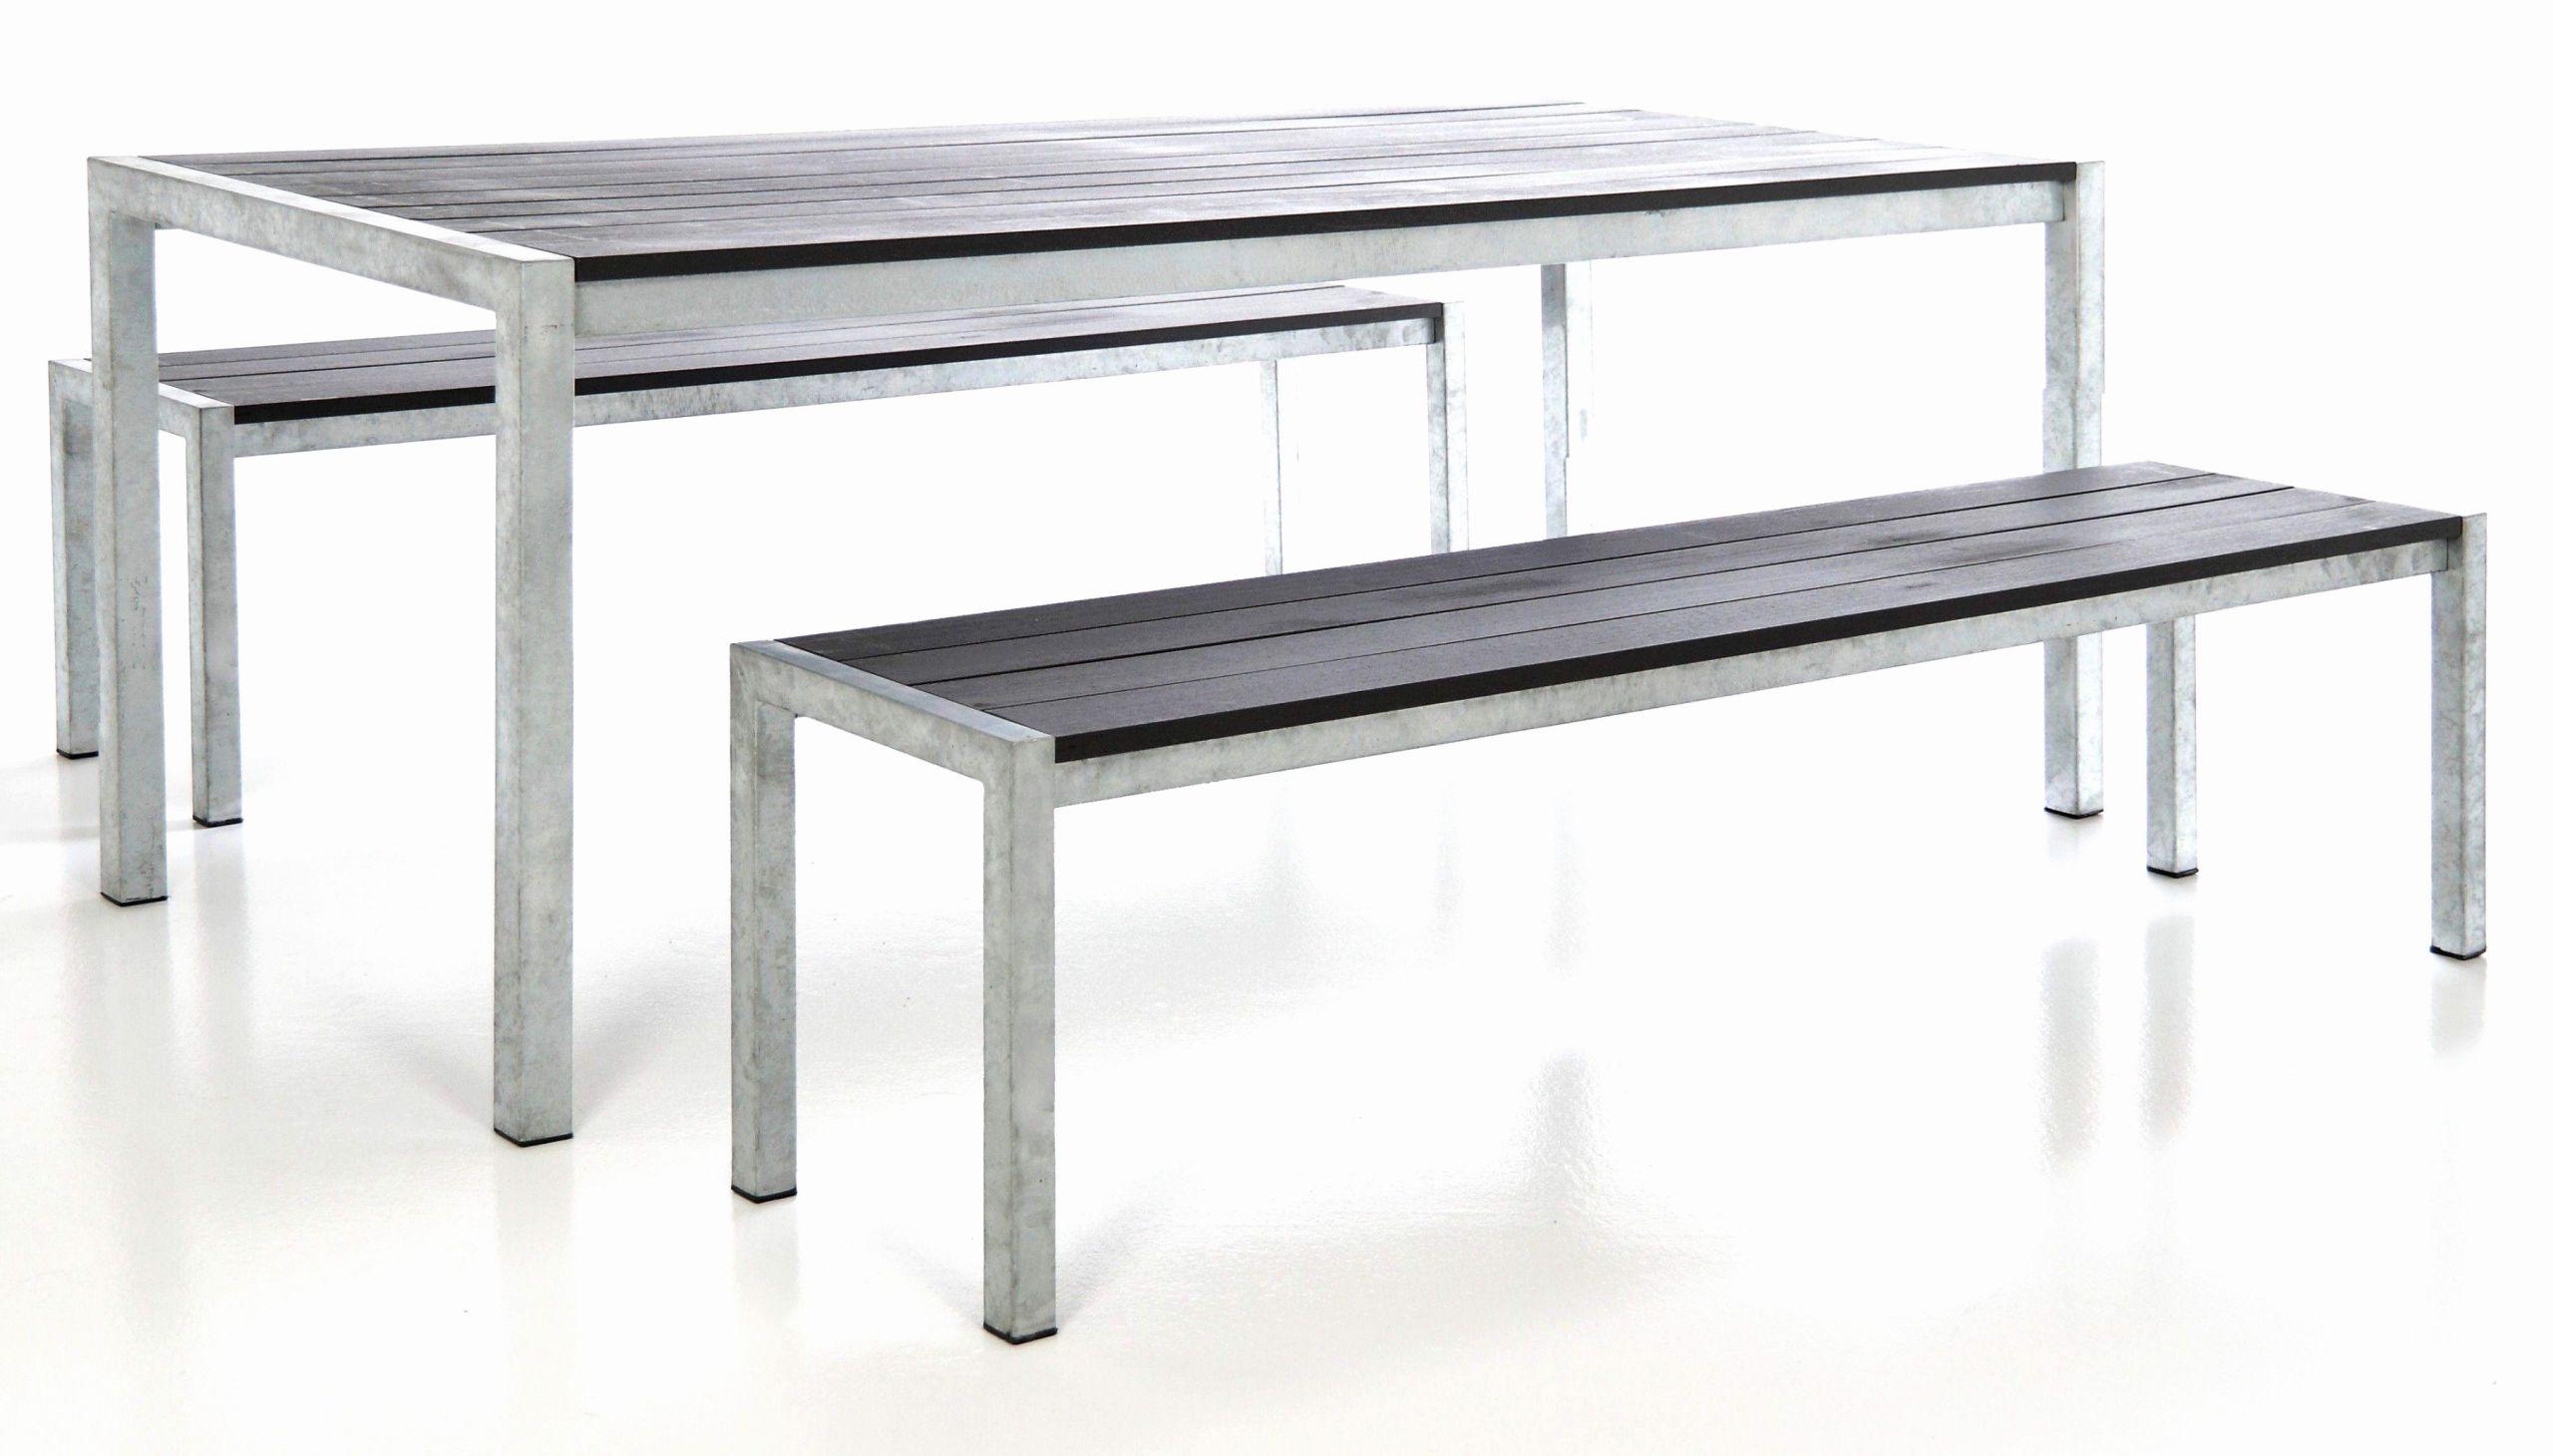 salon de jardin en metal unique table en bois table de salon de jardin leclerc chaise de jardin of salon de jardin en metal